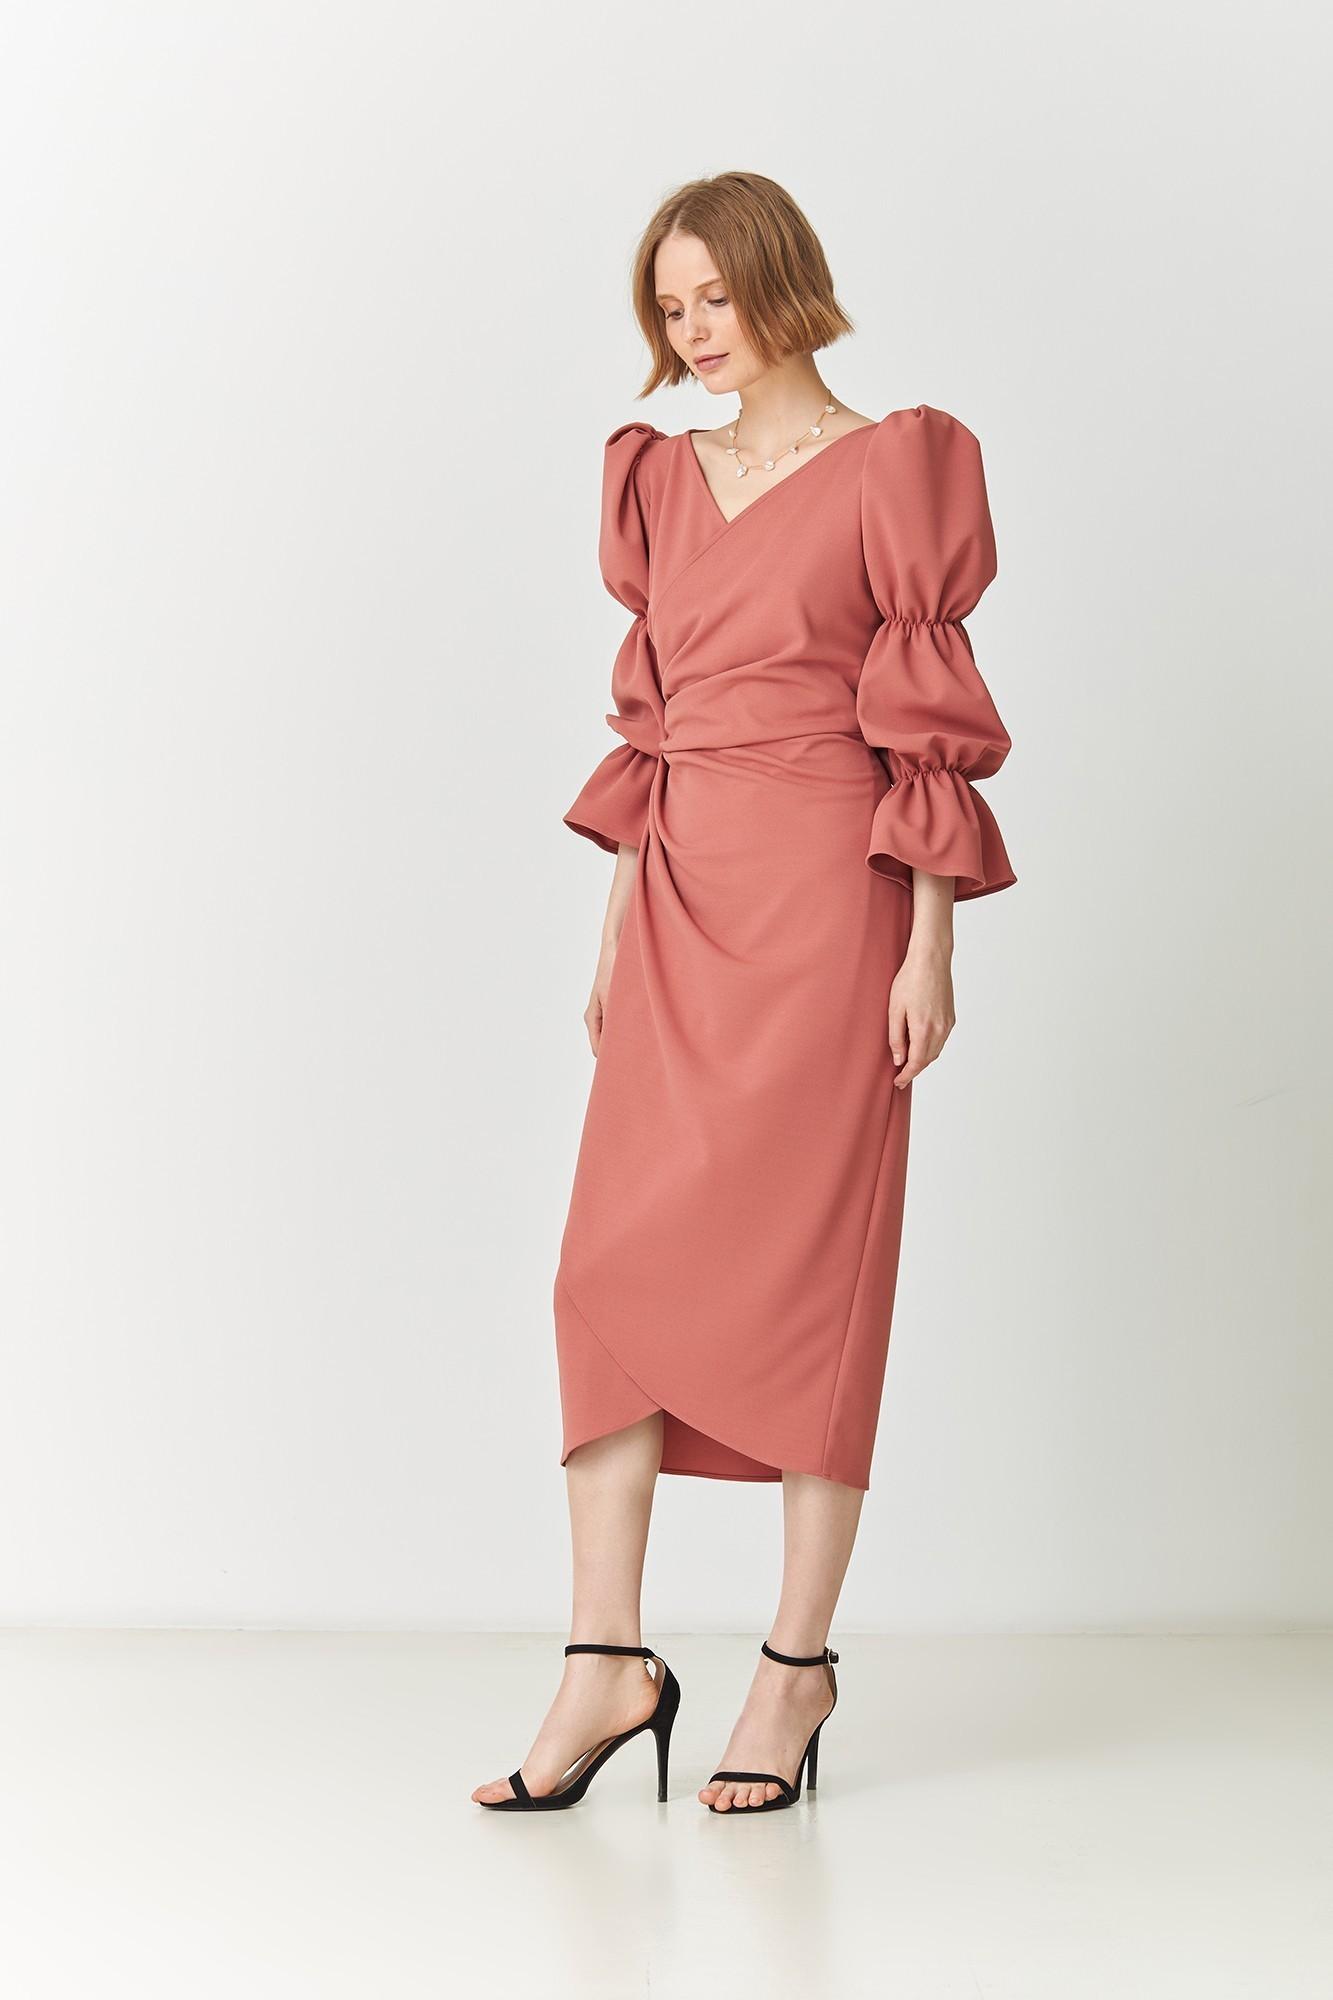 MUNNA PINK DRESS